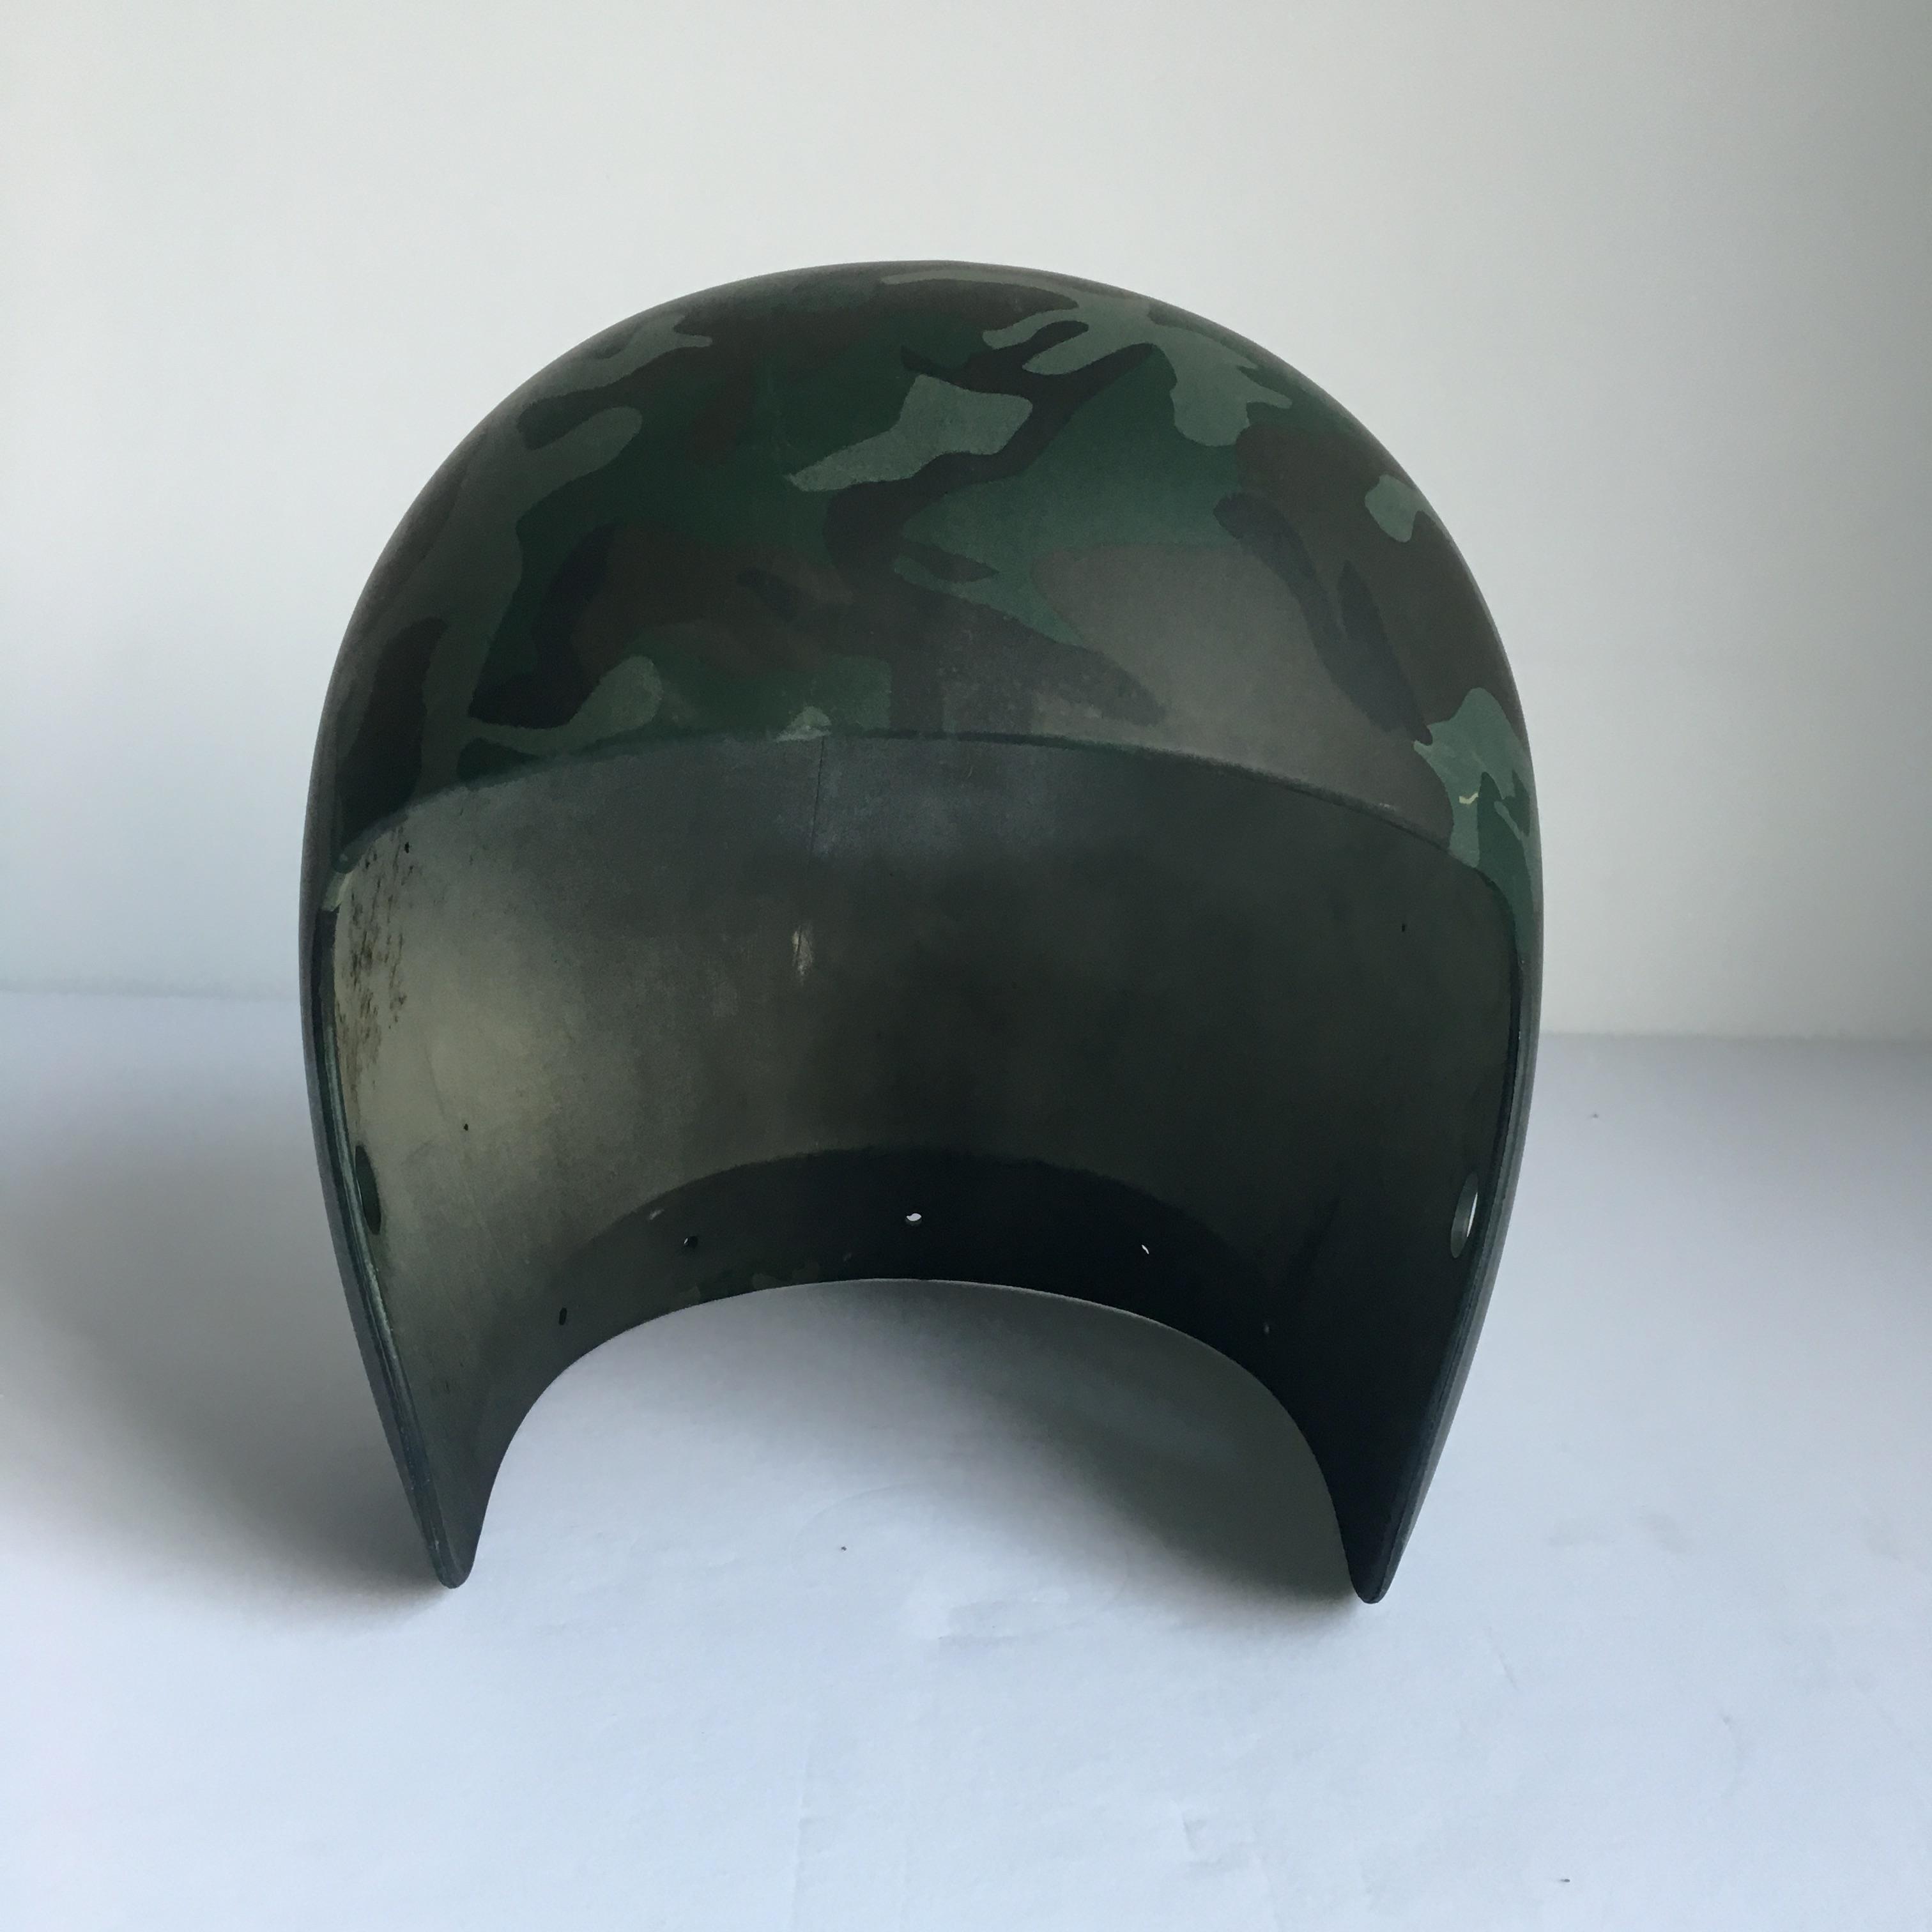 江北区******头盔喷漆加工来电咨询,***头盔喷漆加工